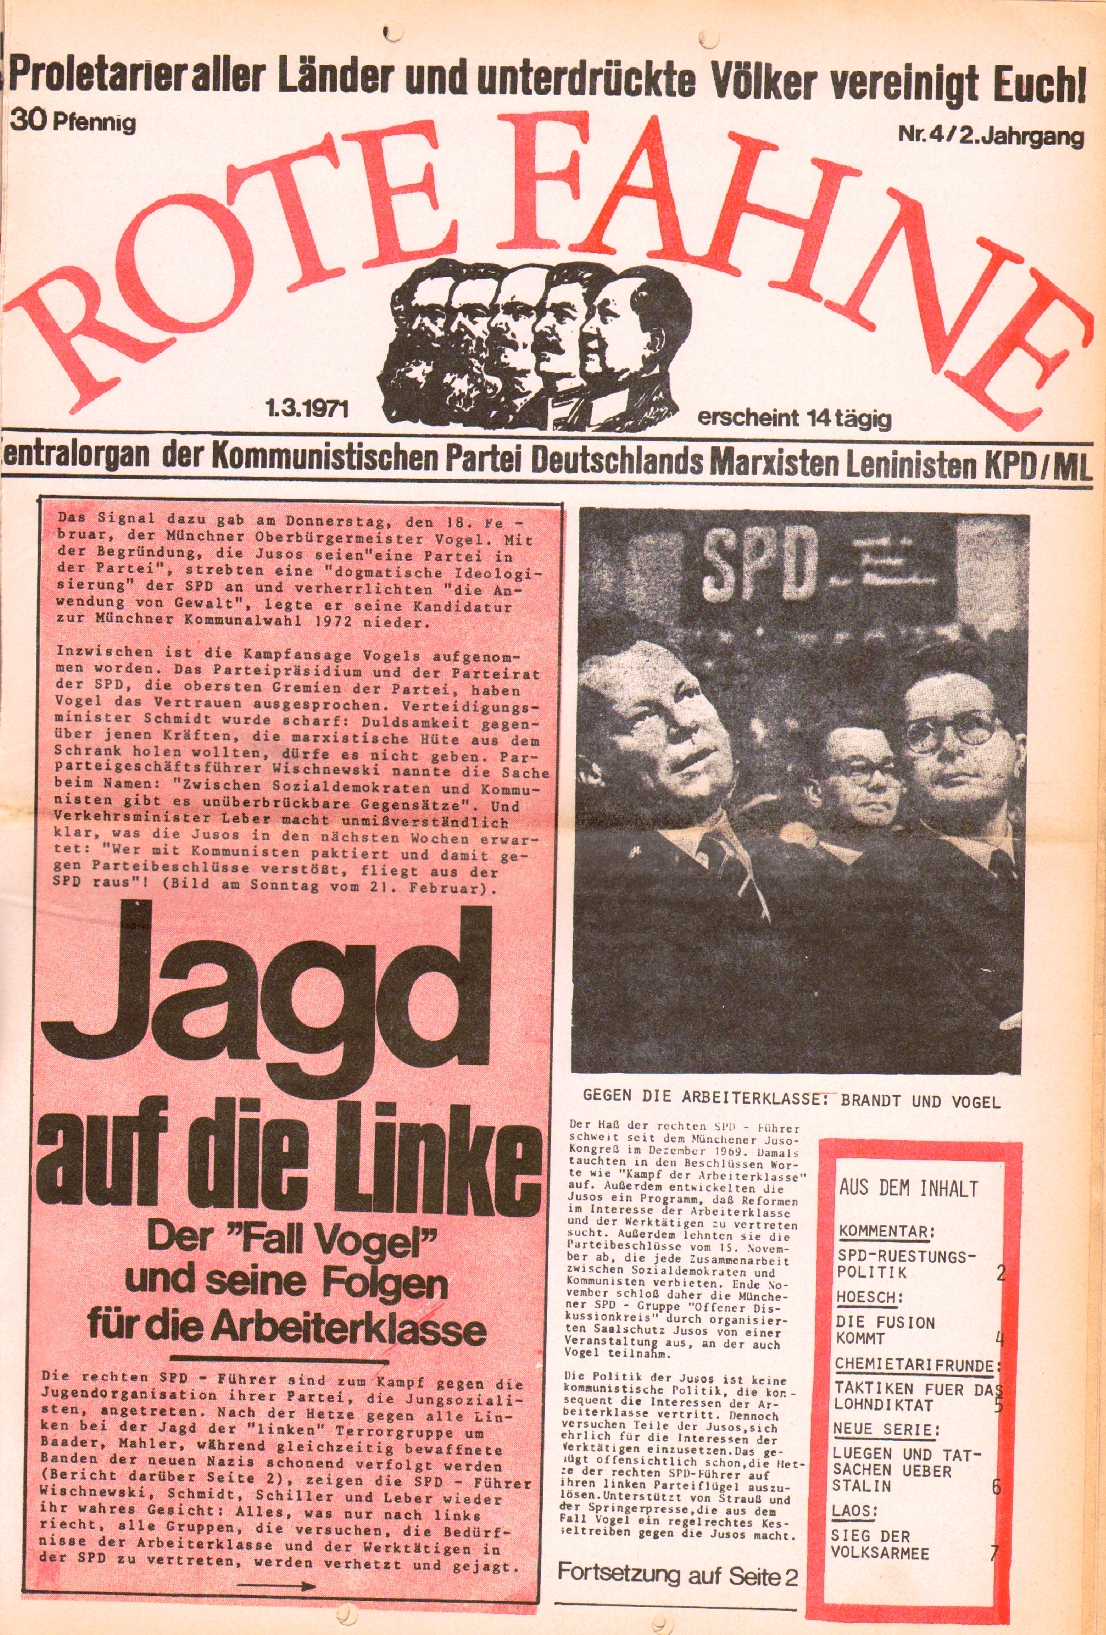 Rote Fahne, 2. Jg., 1.3.1971, Nr. 4, Seite 1